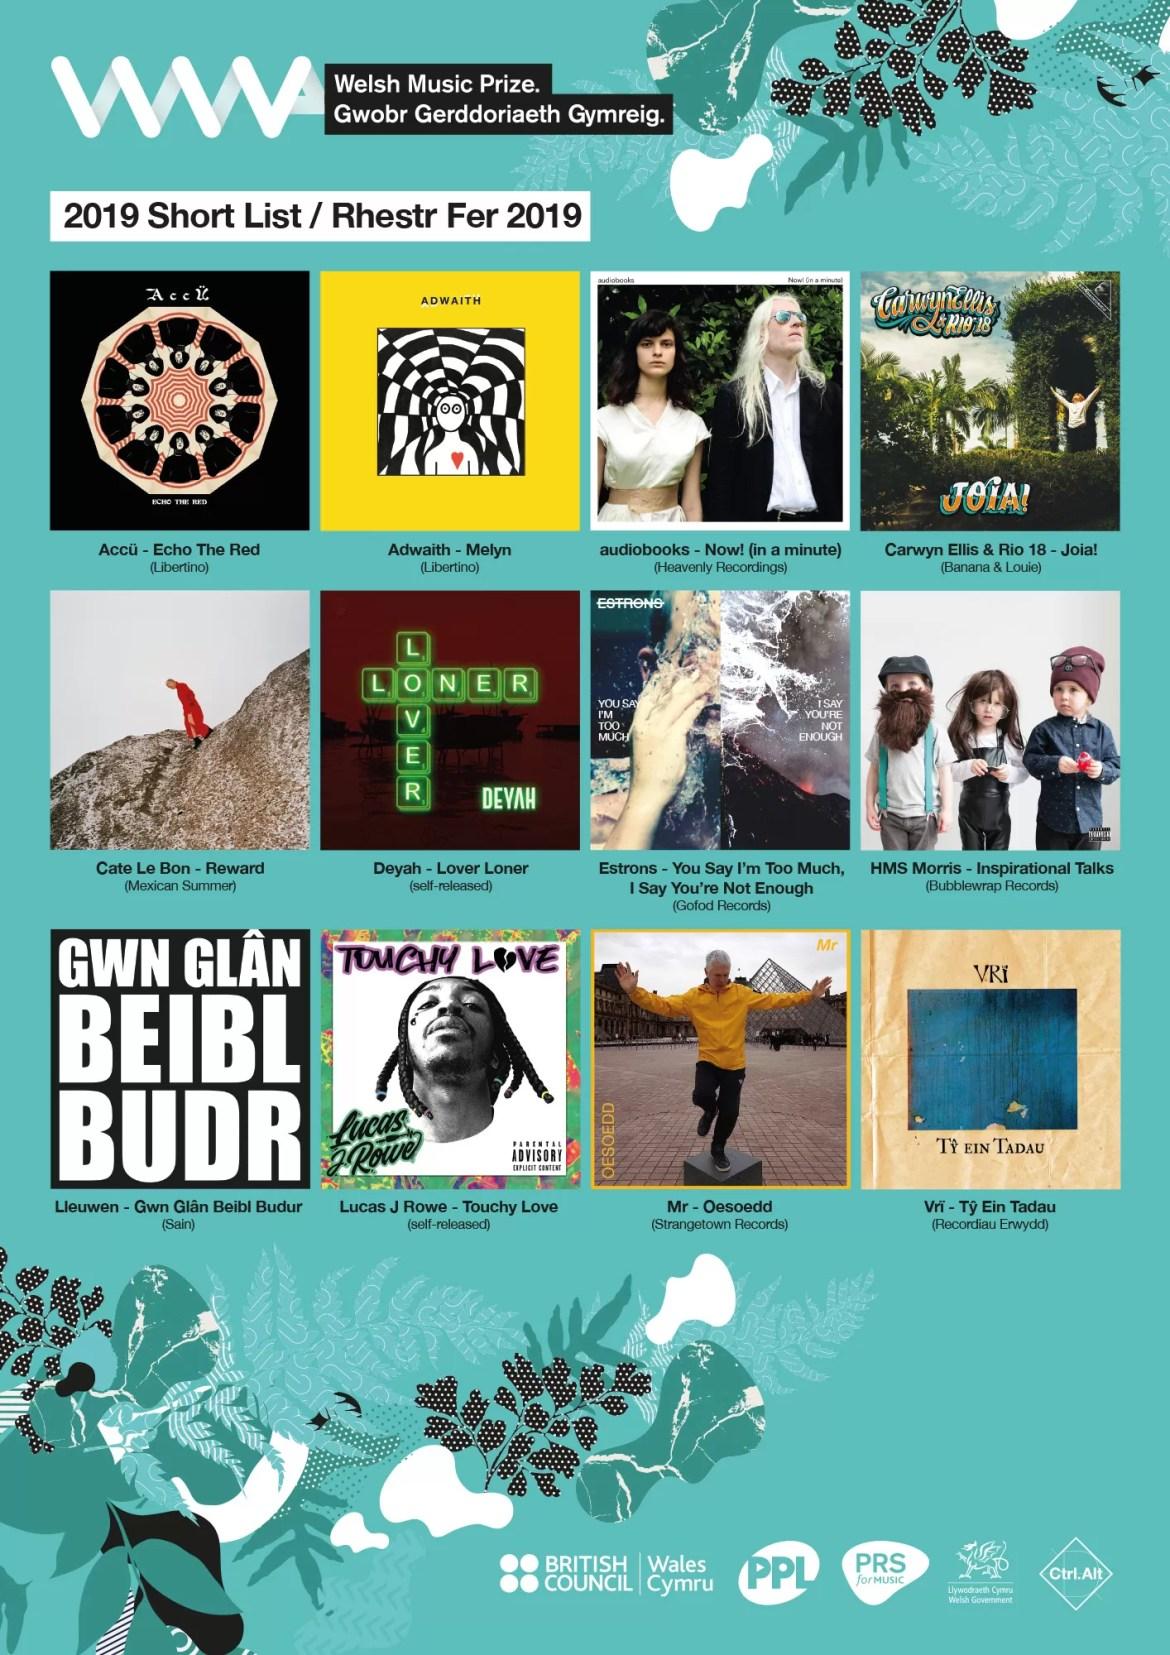 NEWS: Cate Le Bon, audiobooks, Adwaith, Accü & Deyah amongst Welsh Music Prize Nominees